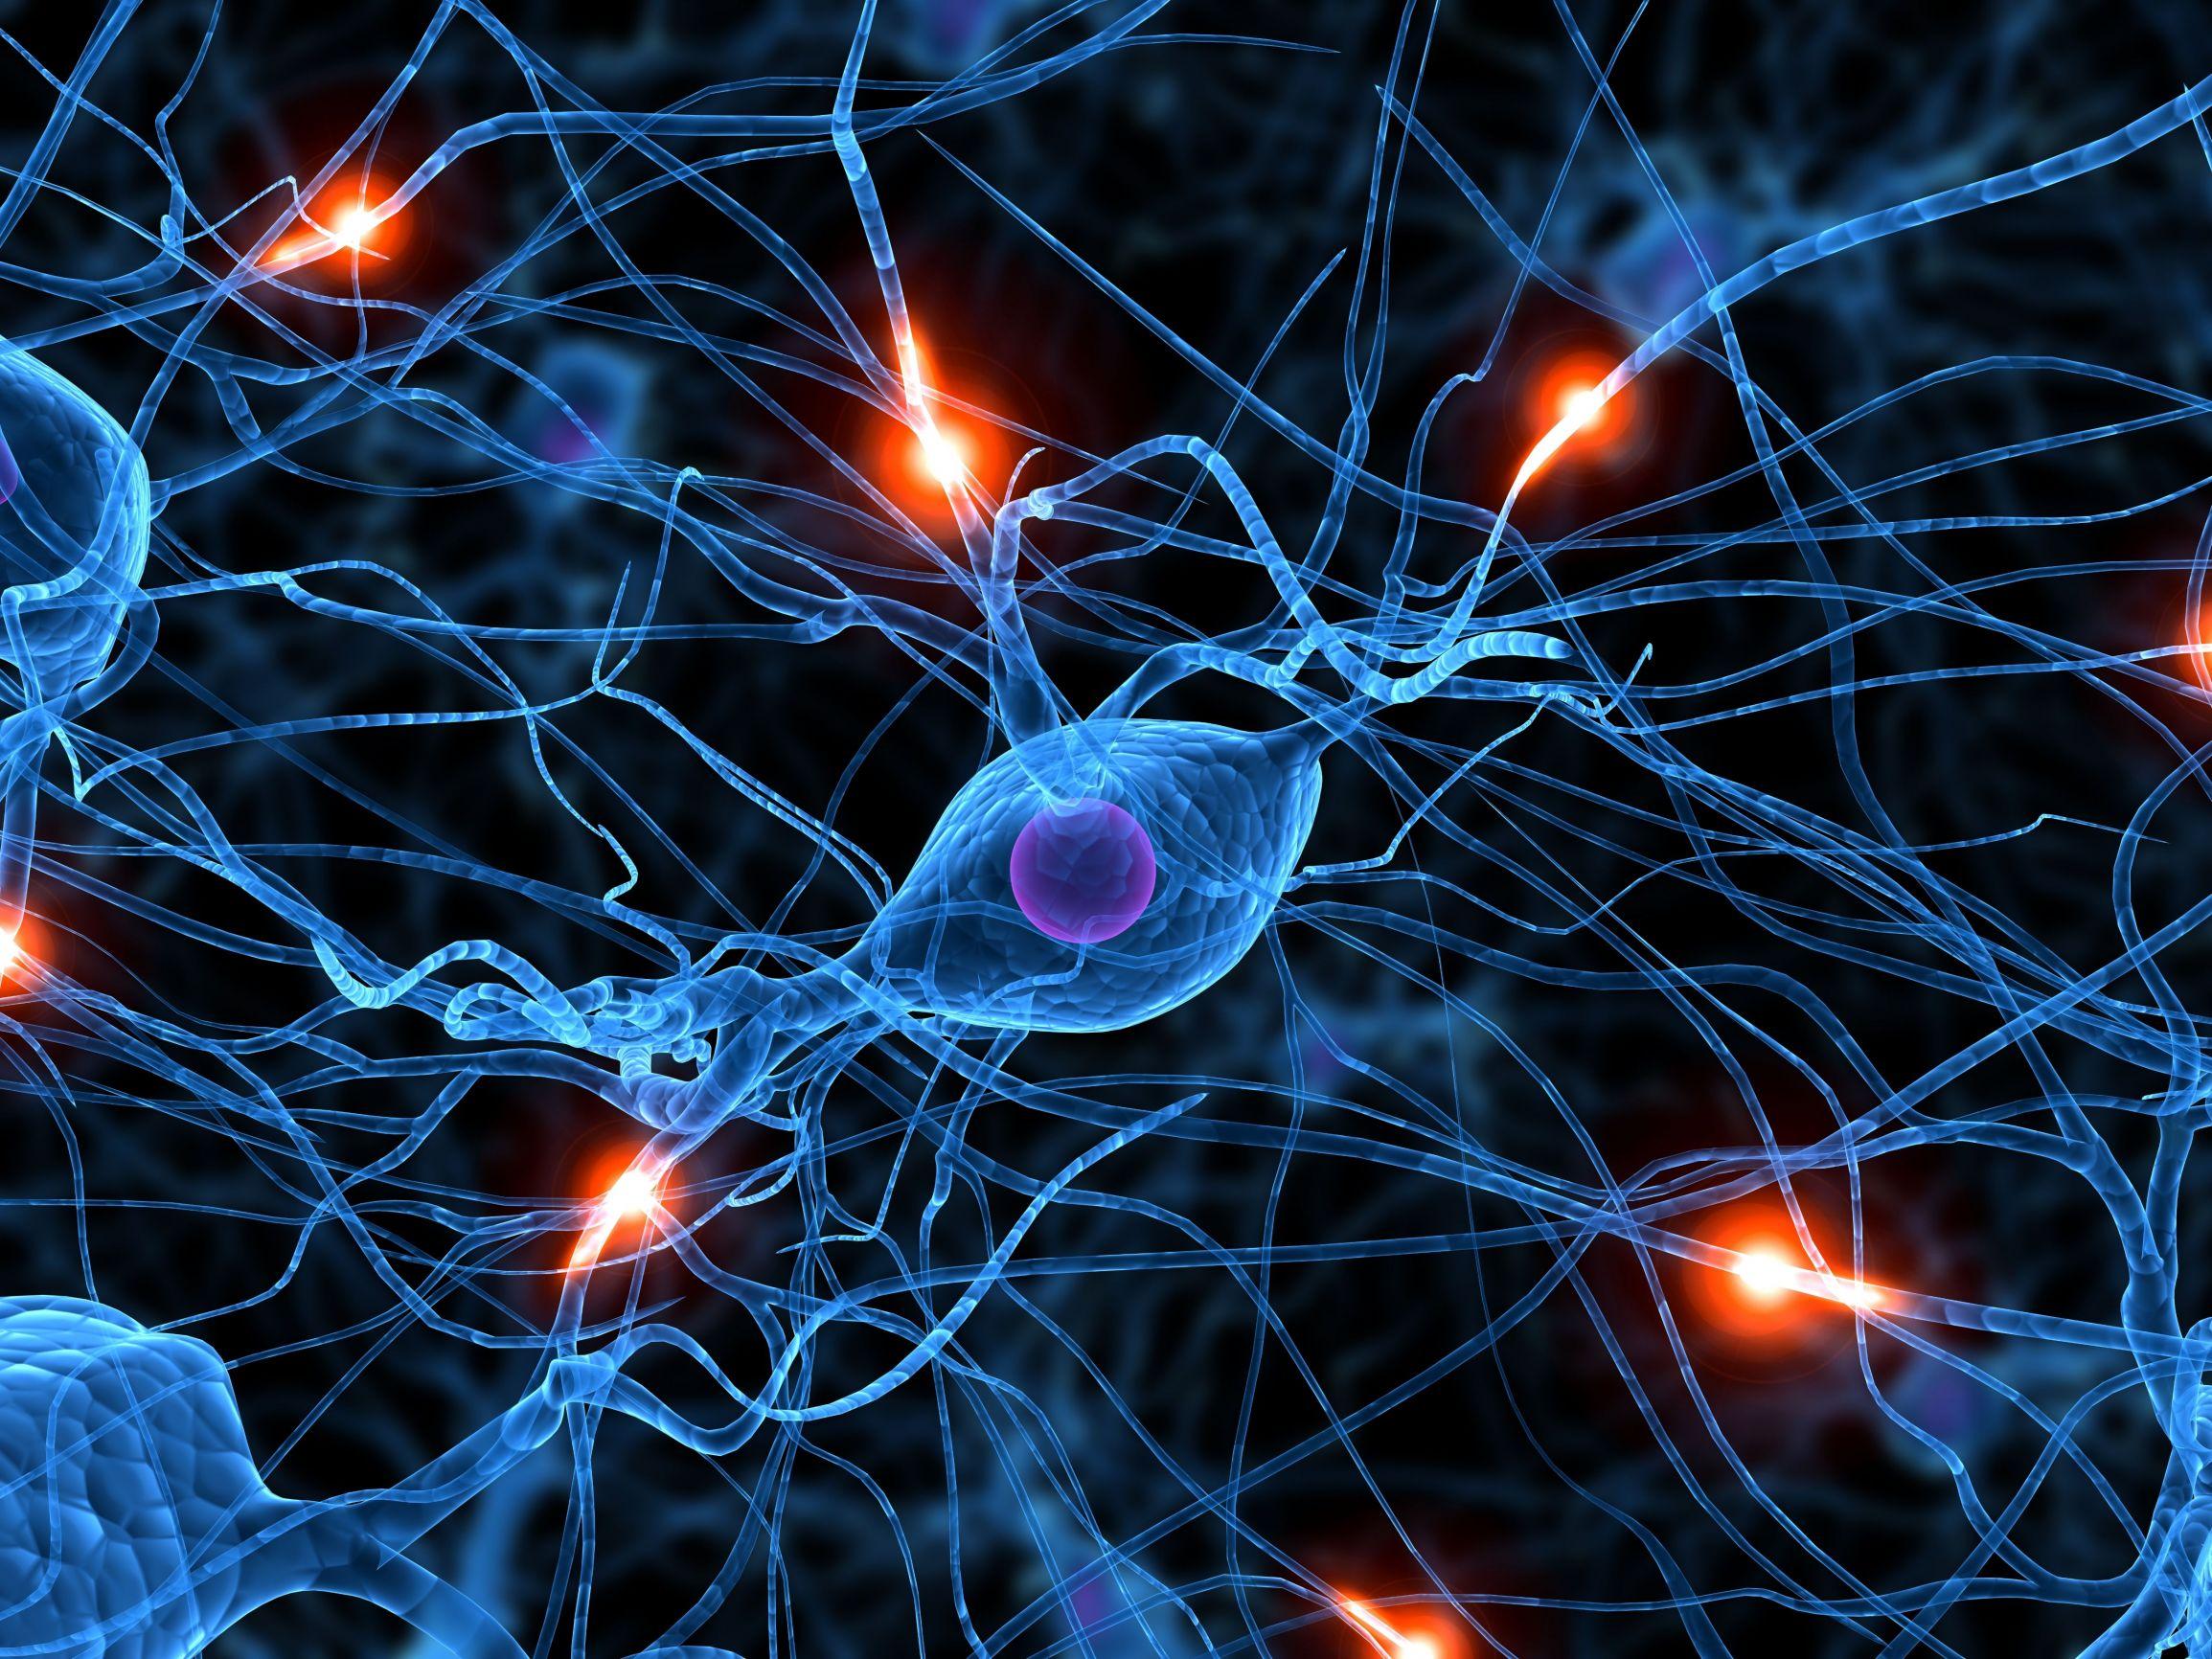 http://www.organicamente.com.ar/wp-content/uploads/2009/11/redneuronal1.jpg